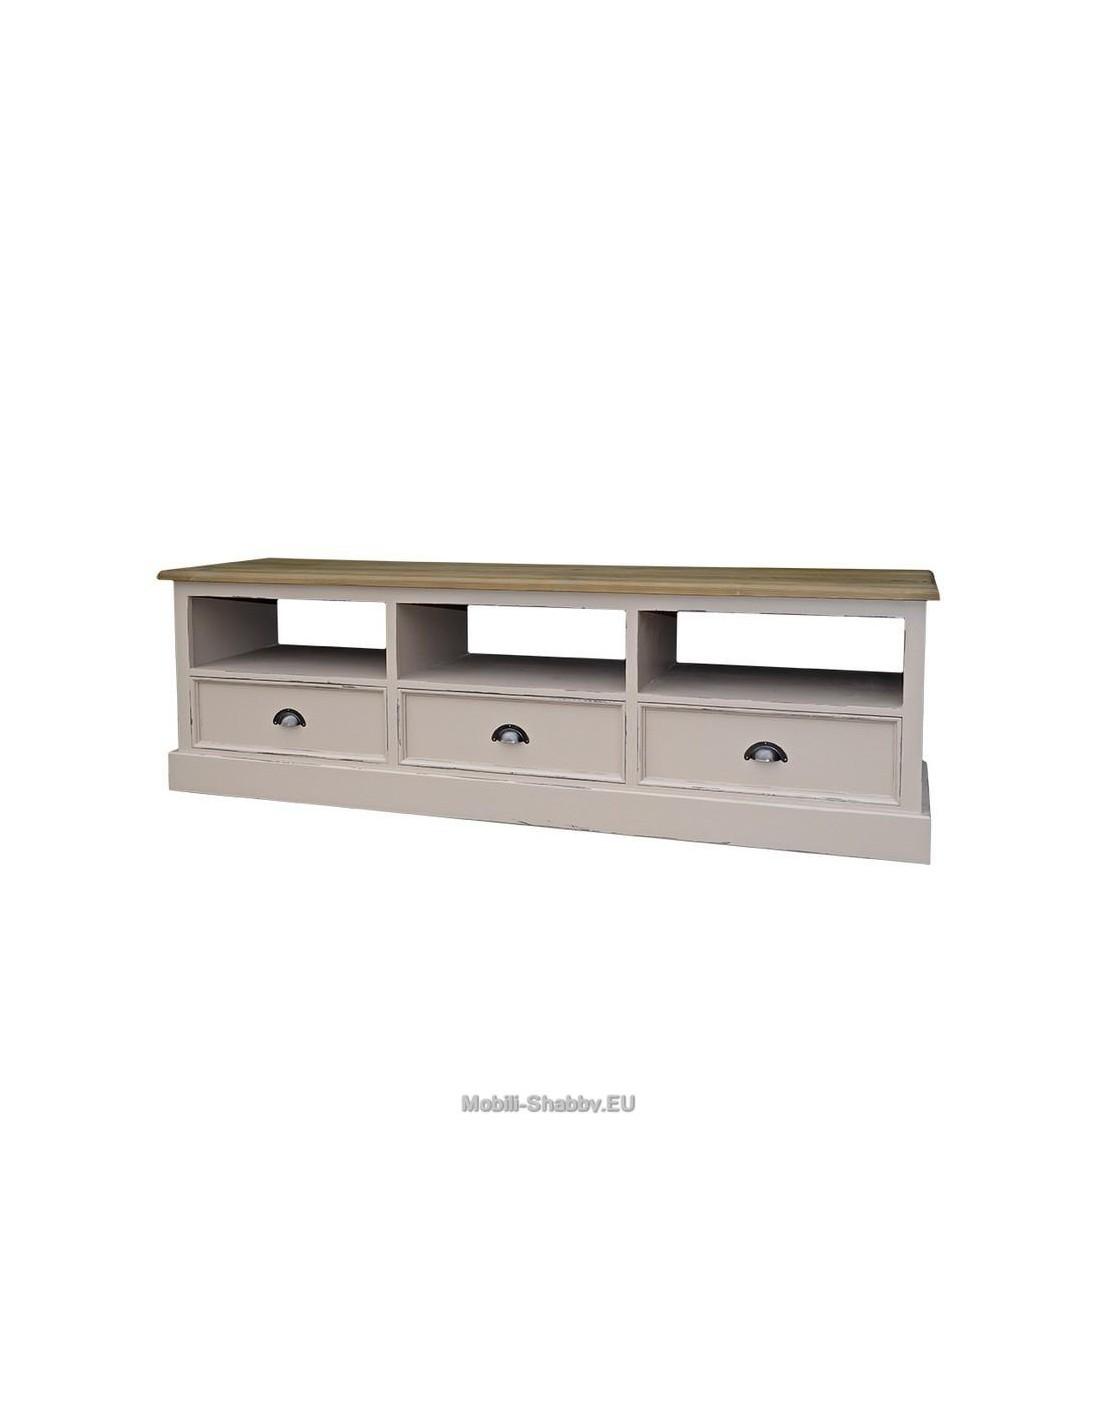 Credenza porta tv legno massello colorata ms106 mobili - Porta tv in legno ...